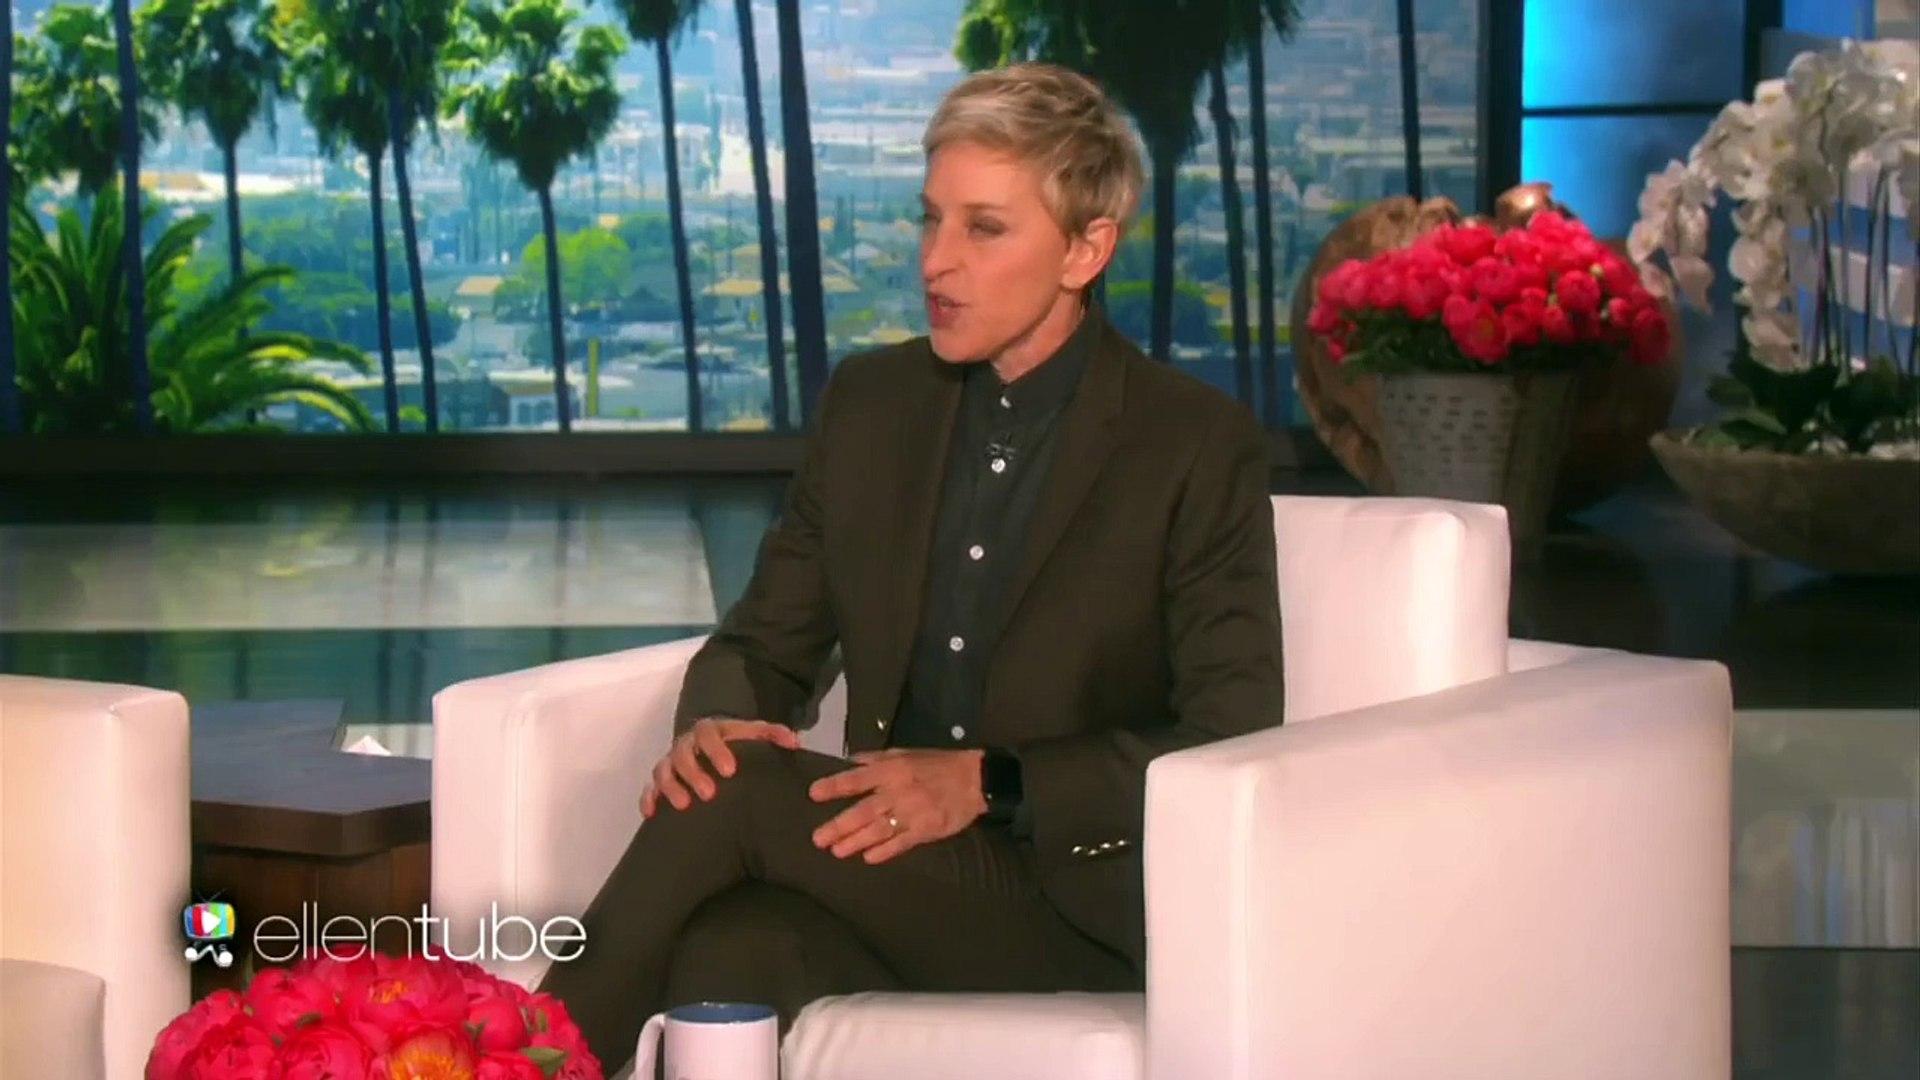 tWitchs Favorite Ellen Show Moment